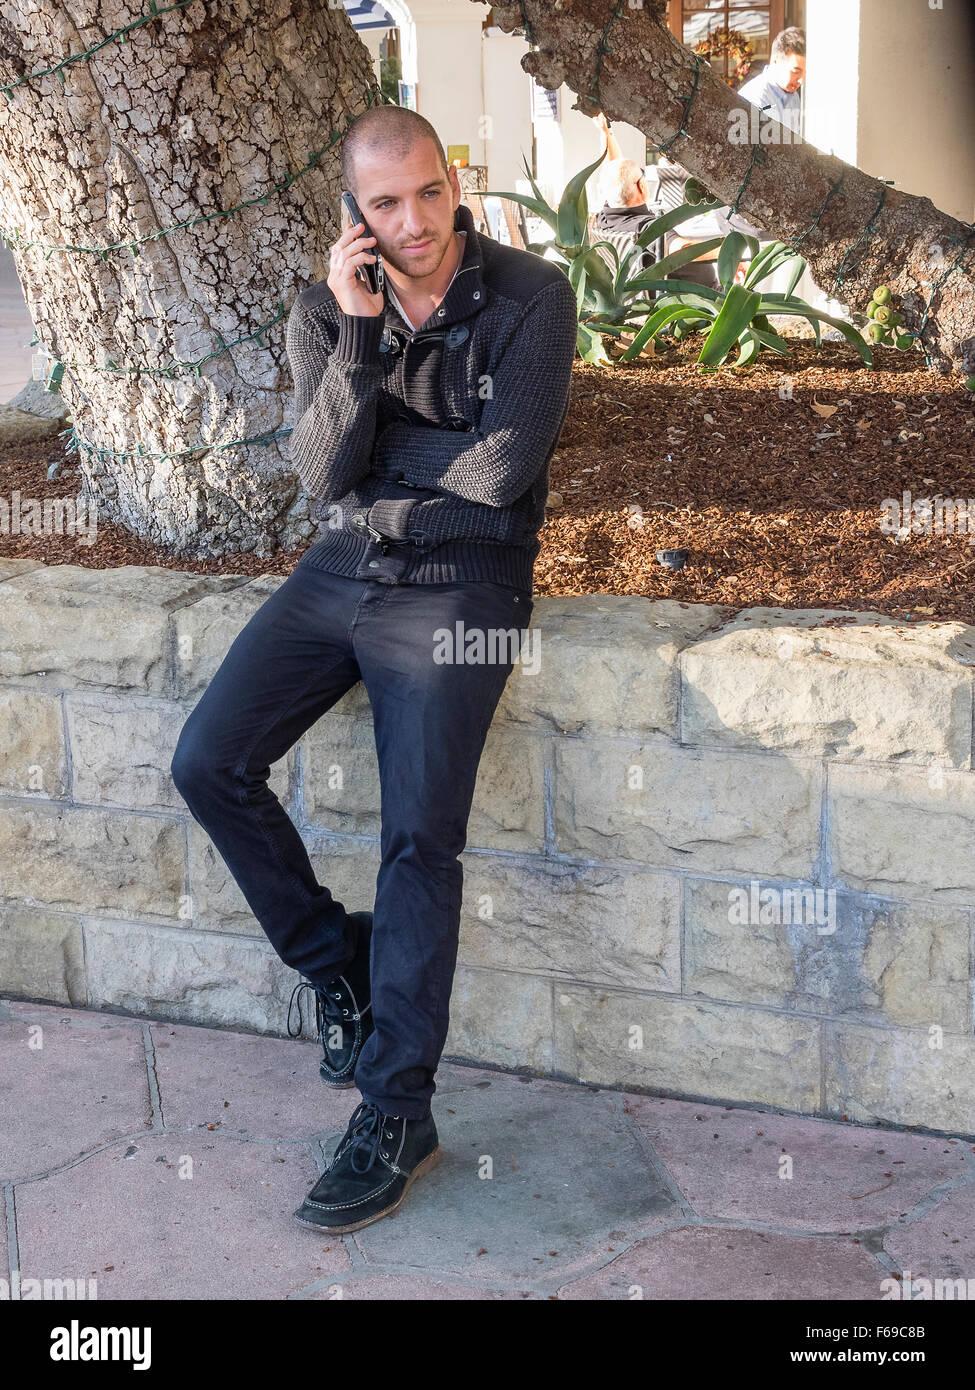 De 20 à 30 ans homme vêtu de noir les regarde droit devant comme il parle sur son téléphone Photo Stock